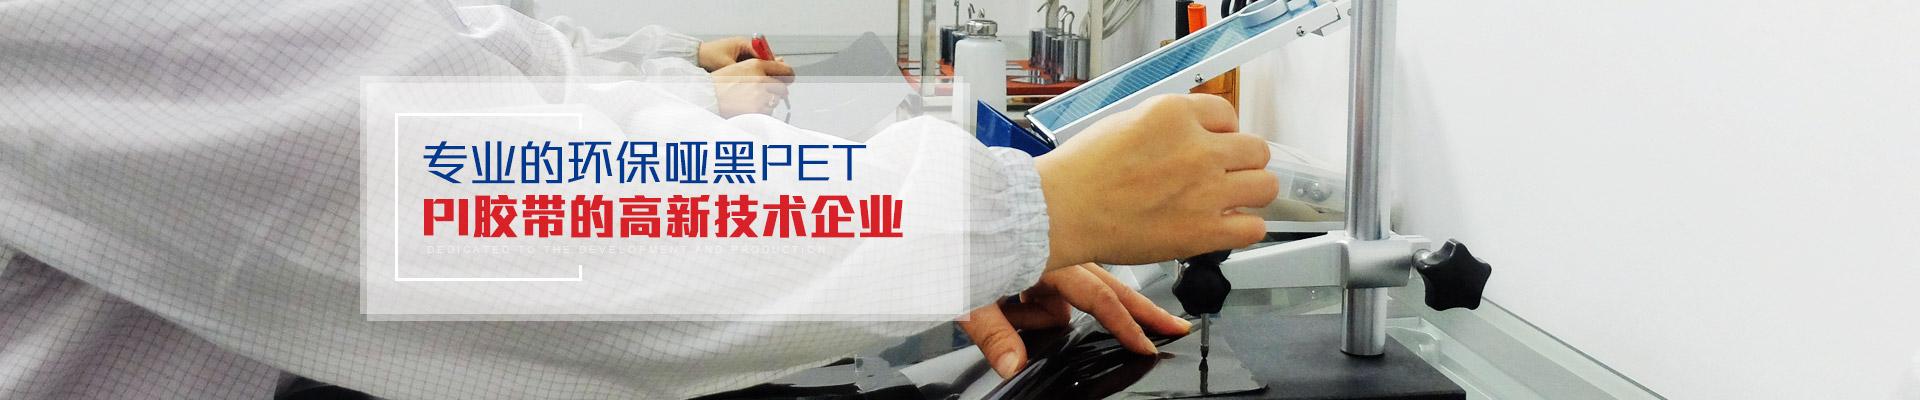 福安达- 专业的环保哑黑PET,PI胶带的高新技术企业